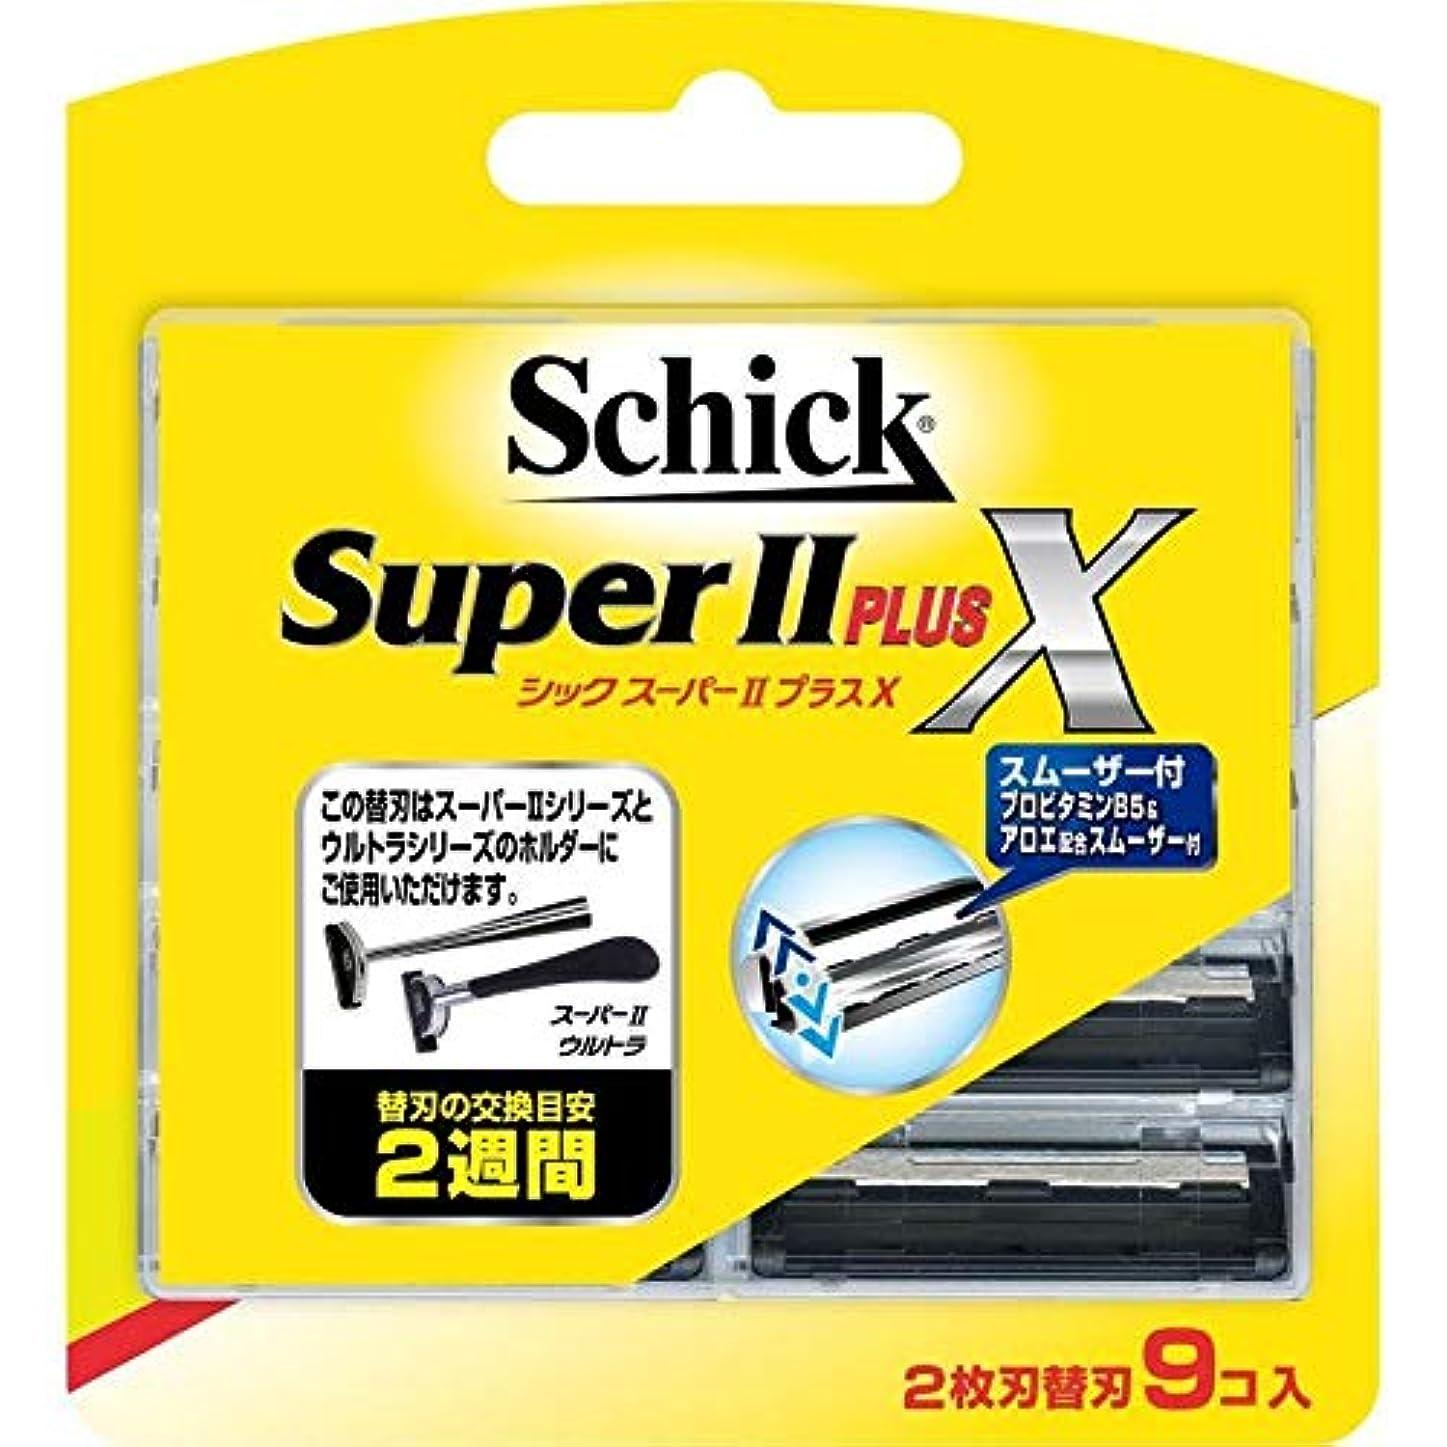 シック スーパー2プラスX 替刃 (9コ入) 男性用カミソリ 3個セット